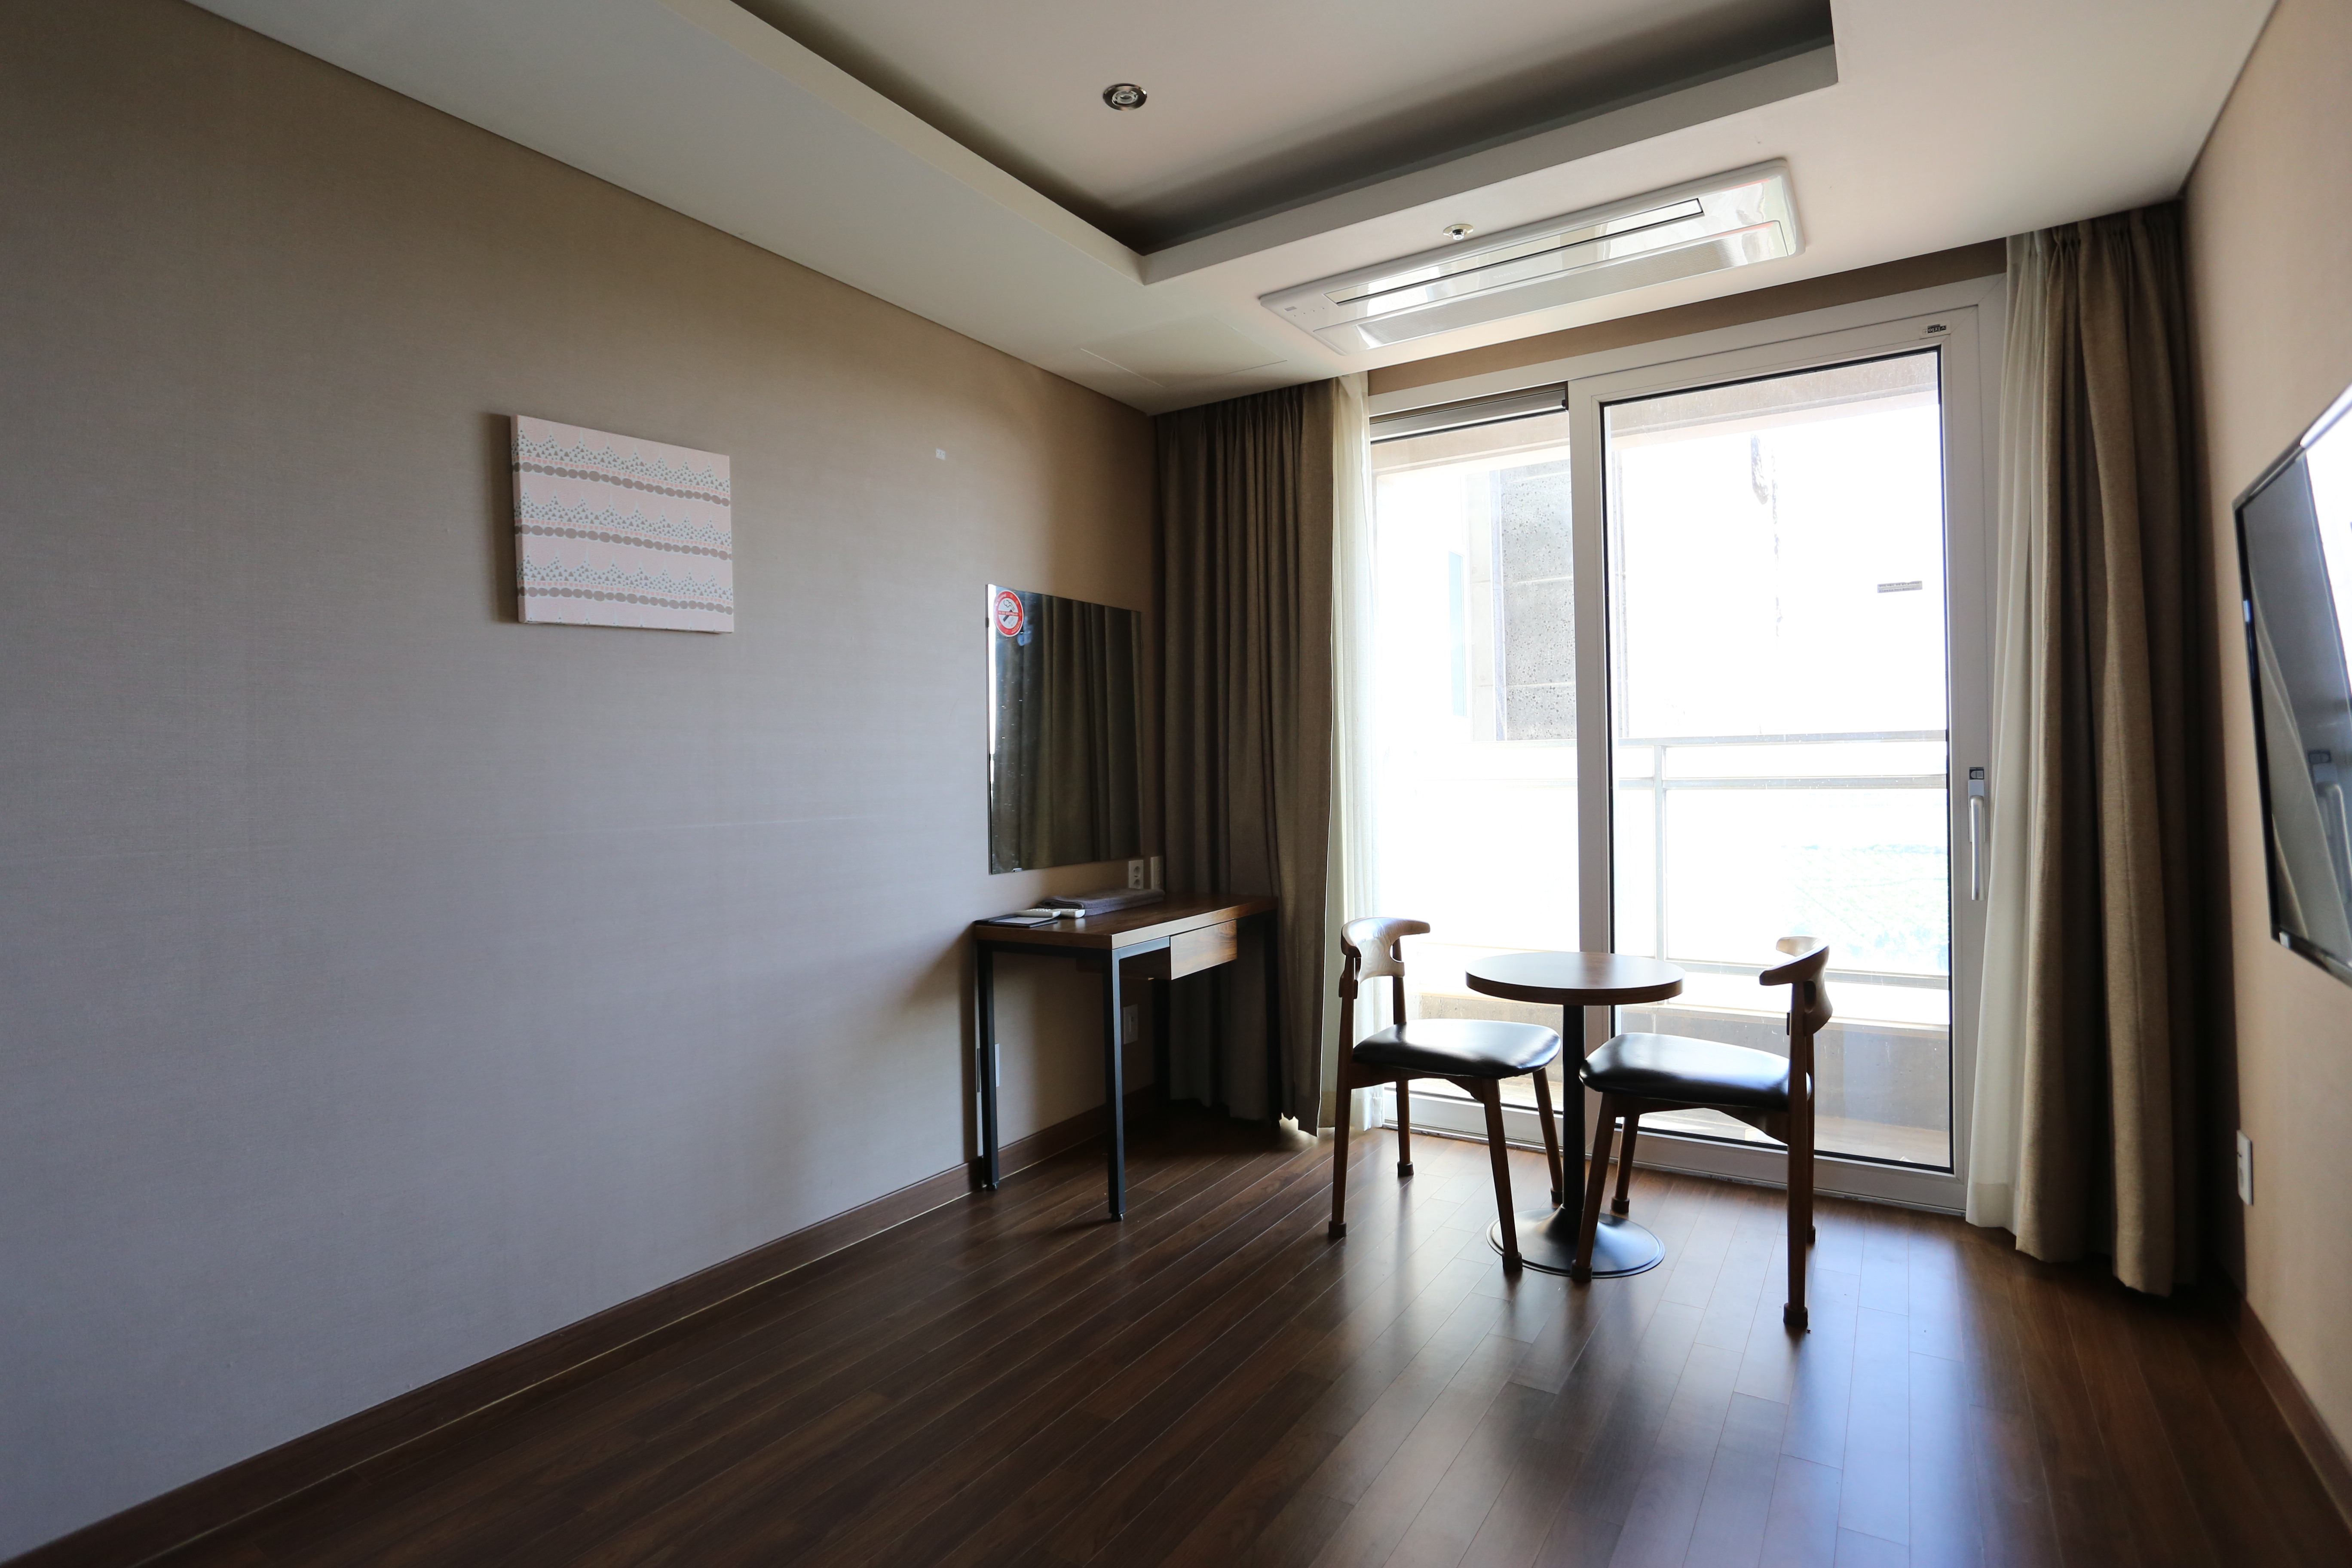 서귀포(성산) 호텔 MCC 썸네일3